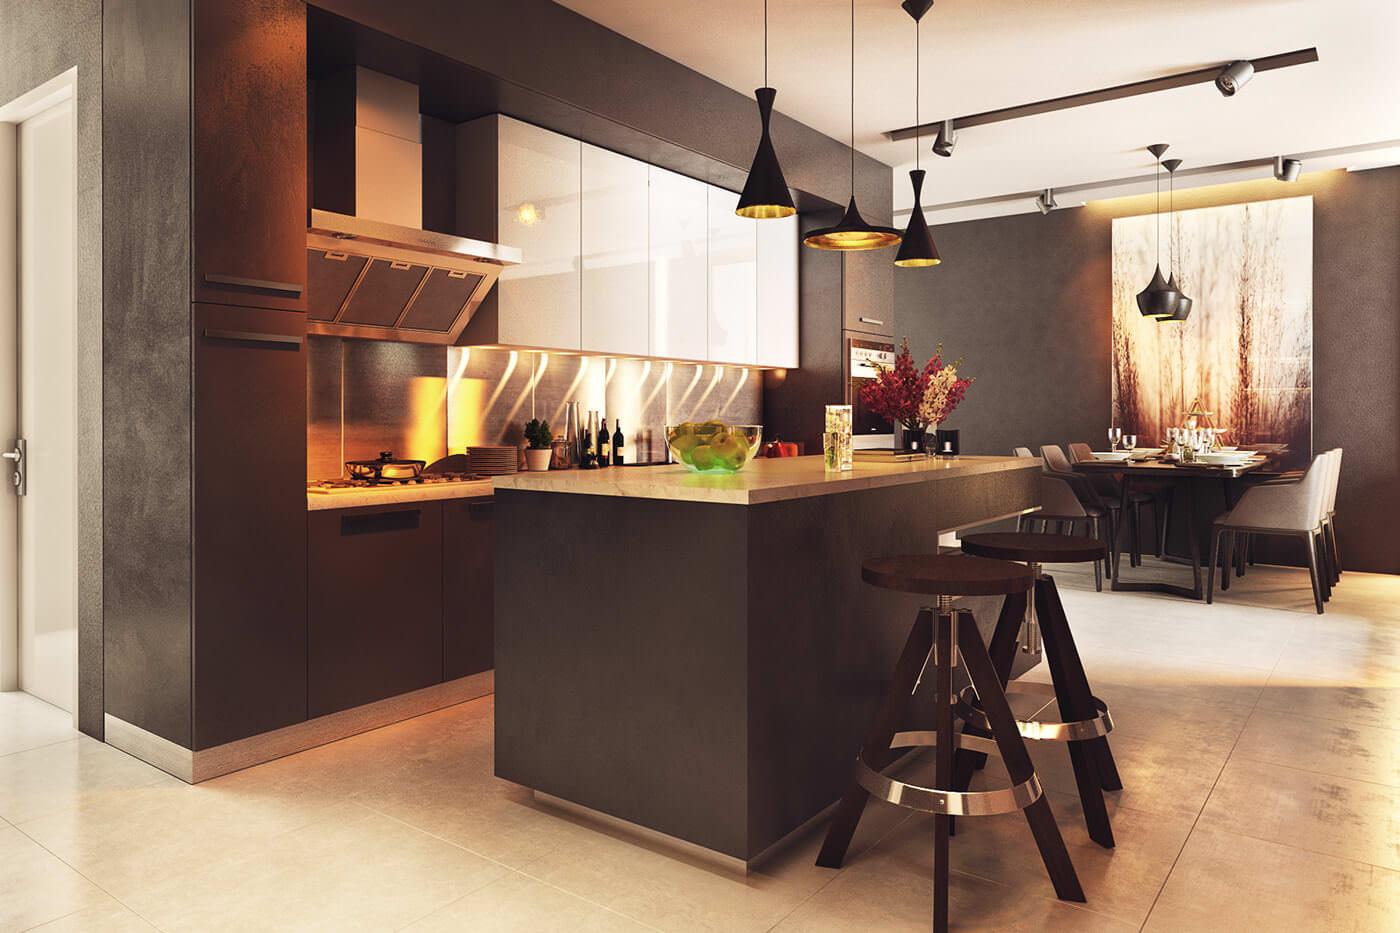 prostoren-apartament-s-eleganten-interior-v-neutralni-tsvetove-4g